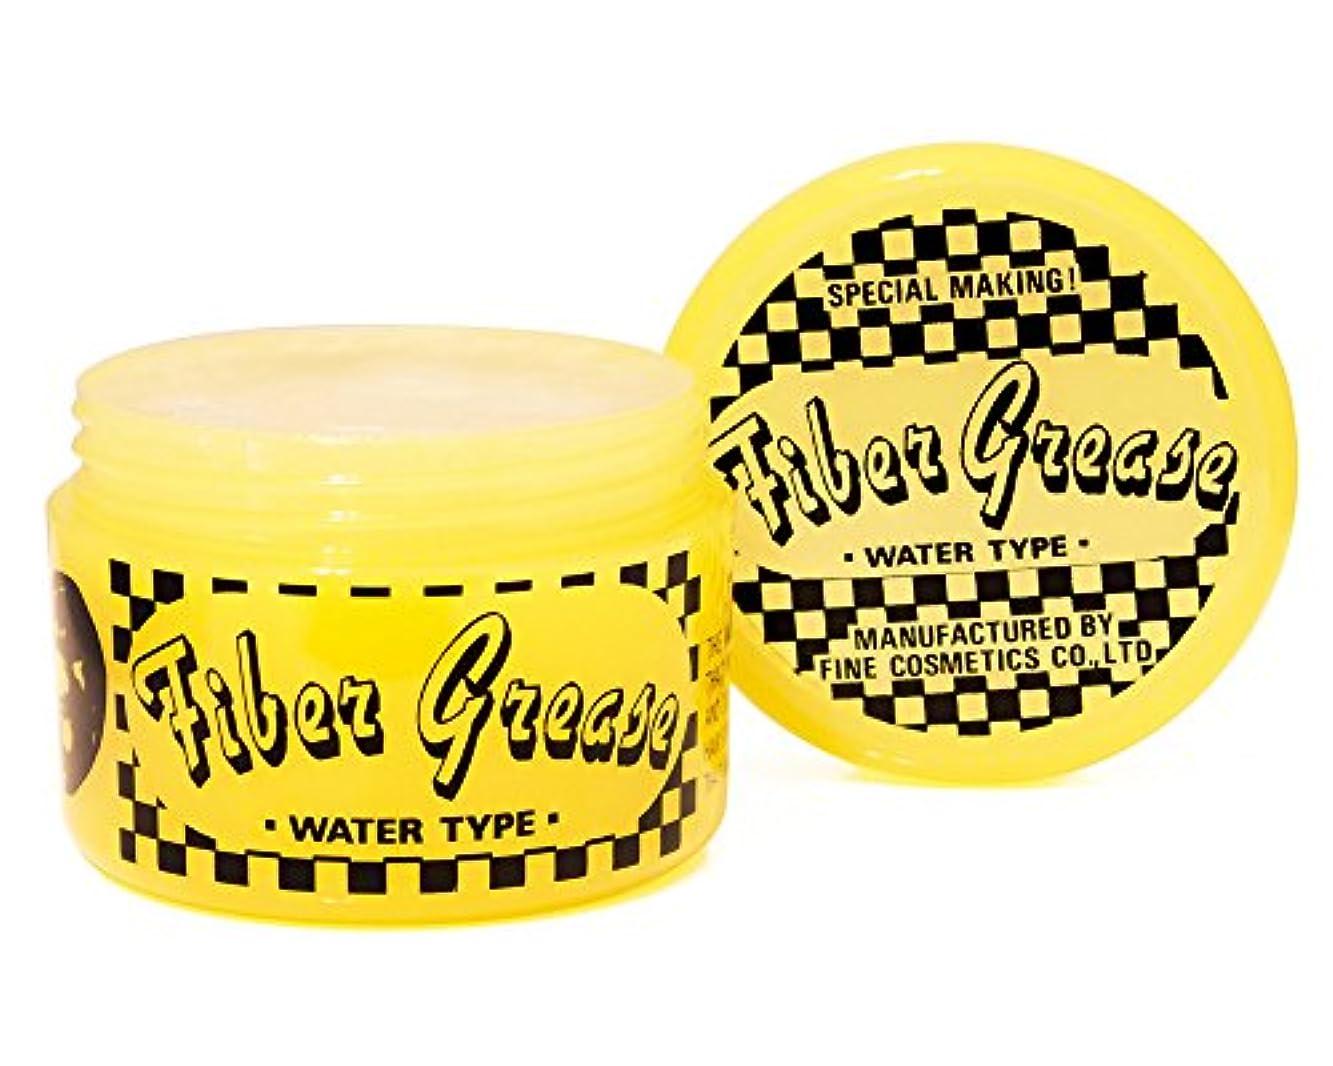 ソーダ水チップ吹雪阪本高生堂 ファイバーグリース 2008 210g トロピカルフルーツの香り